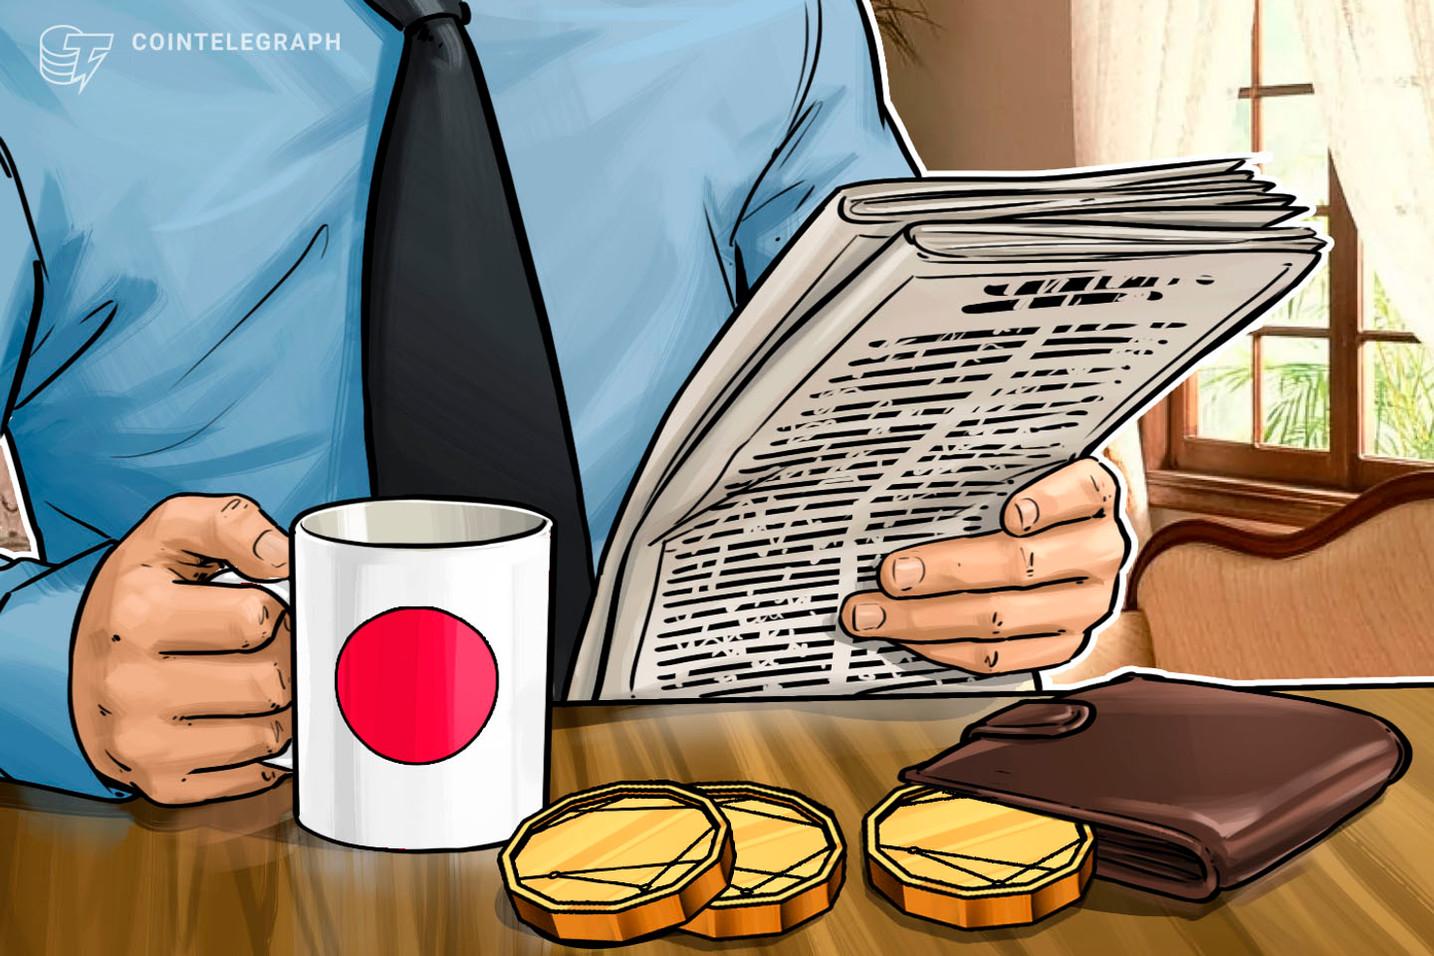 仮想通貨取引所オーケーコイン・ジャパン、6月以降に新規通貨OKBの取扱いを開始予定